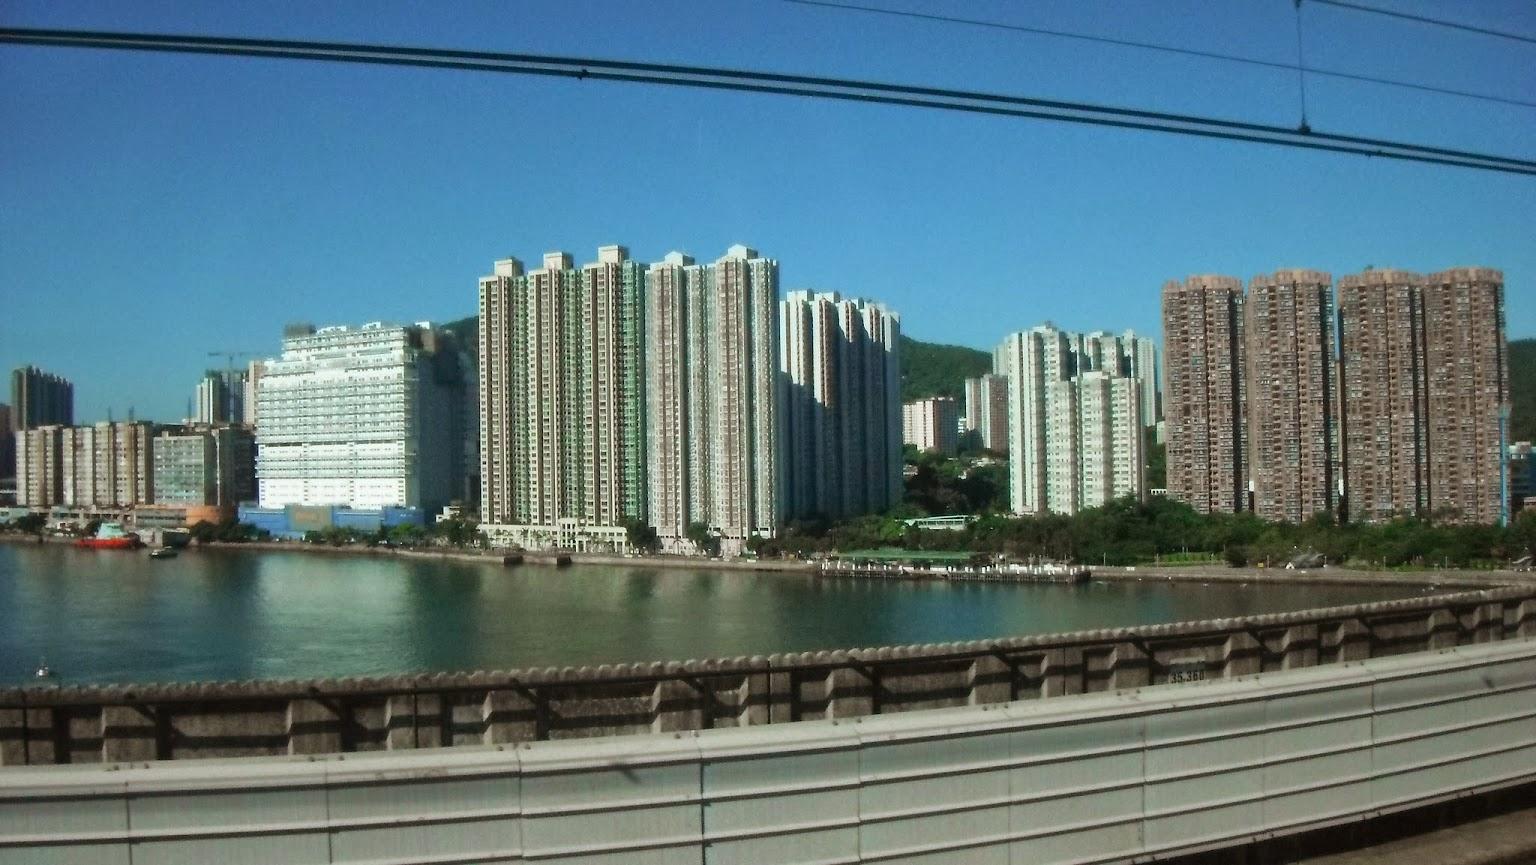 香港-迪士尼樂園之旅-迪士尼地鐵搭程與迪士尼好萊塢酒店自助式早餐 @ 旅遊休閒樂活趣 :: 痞客邦